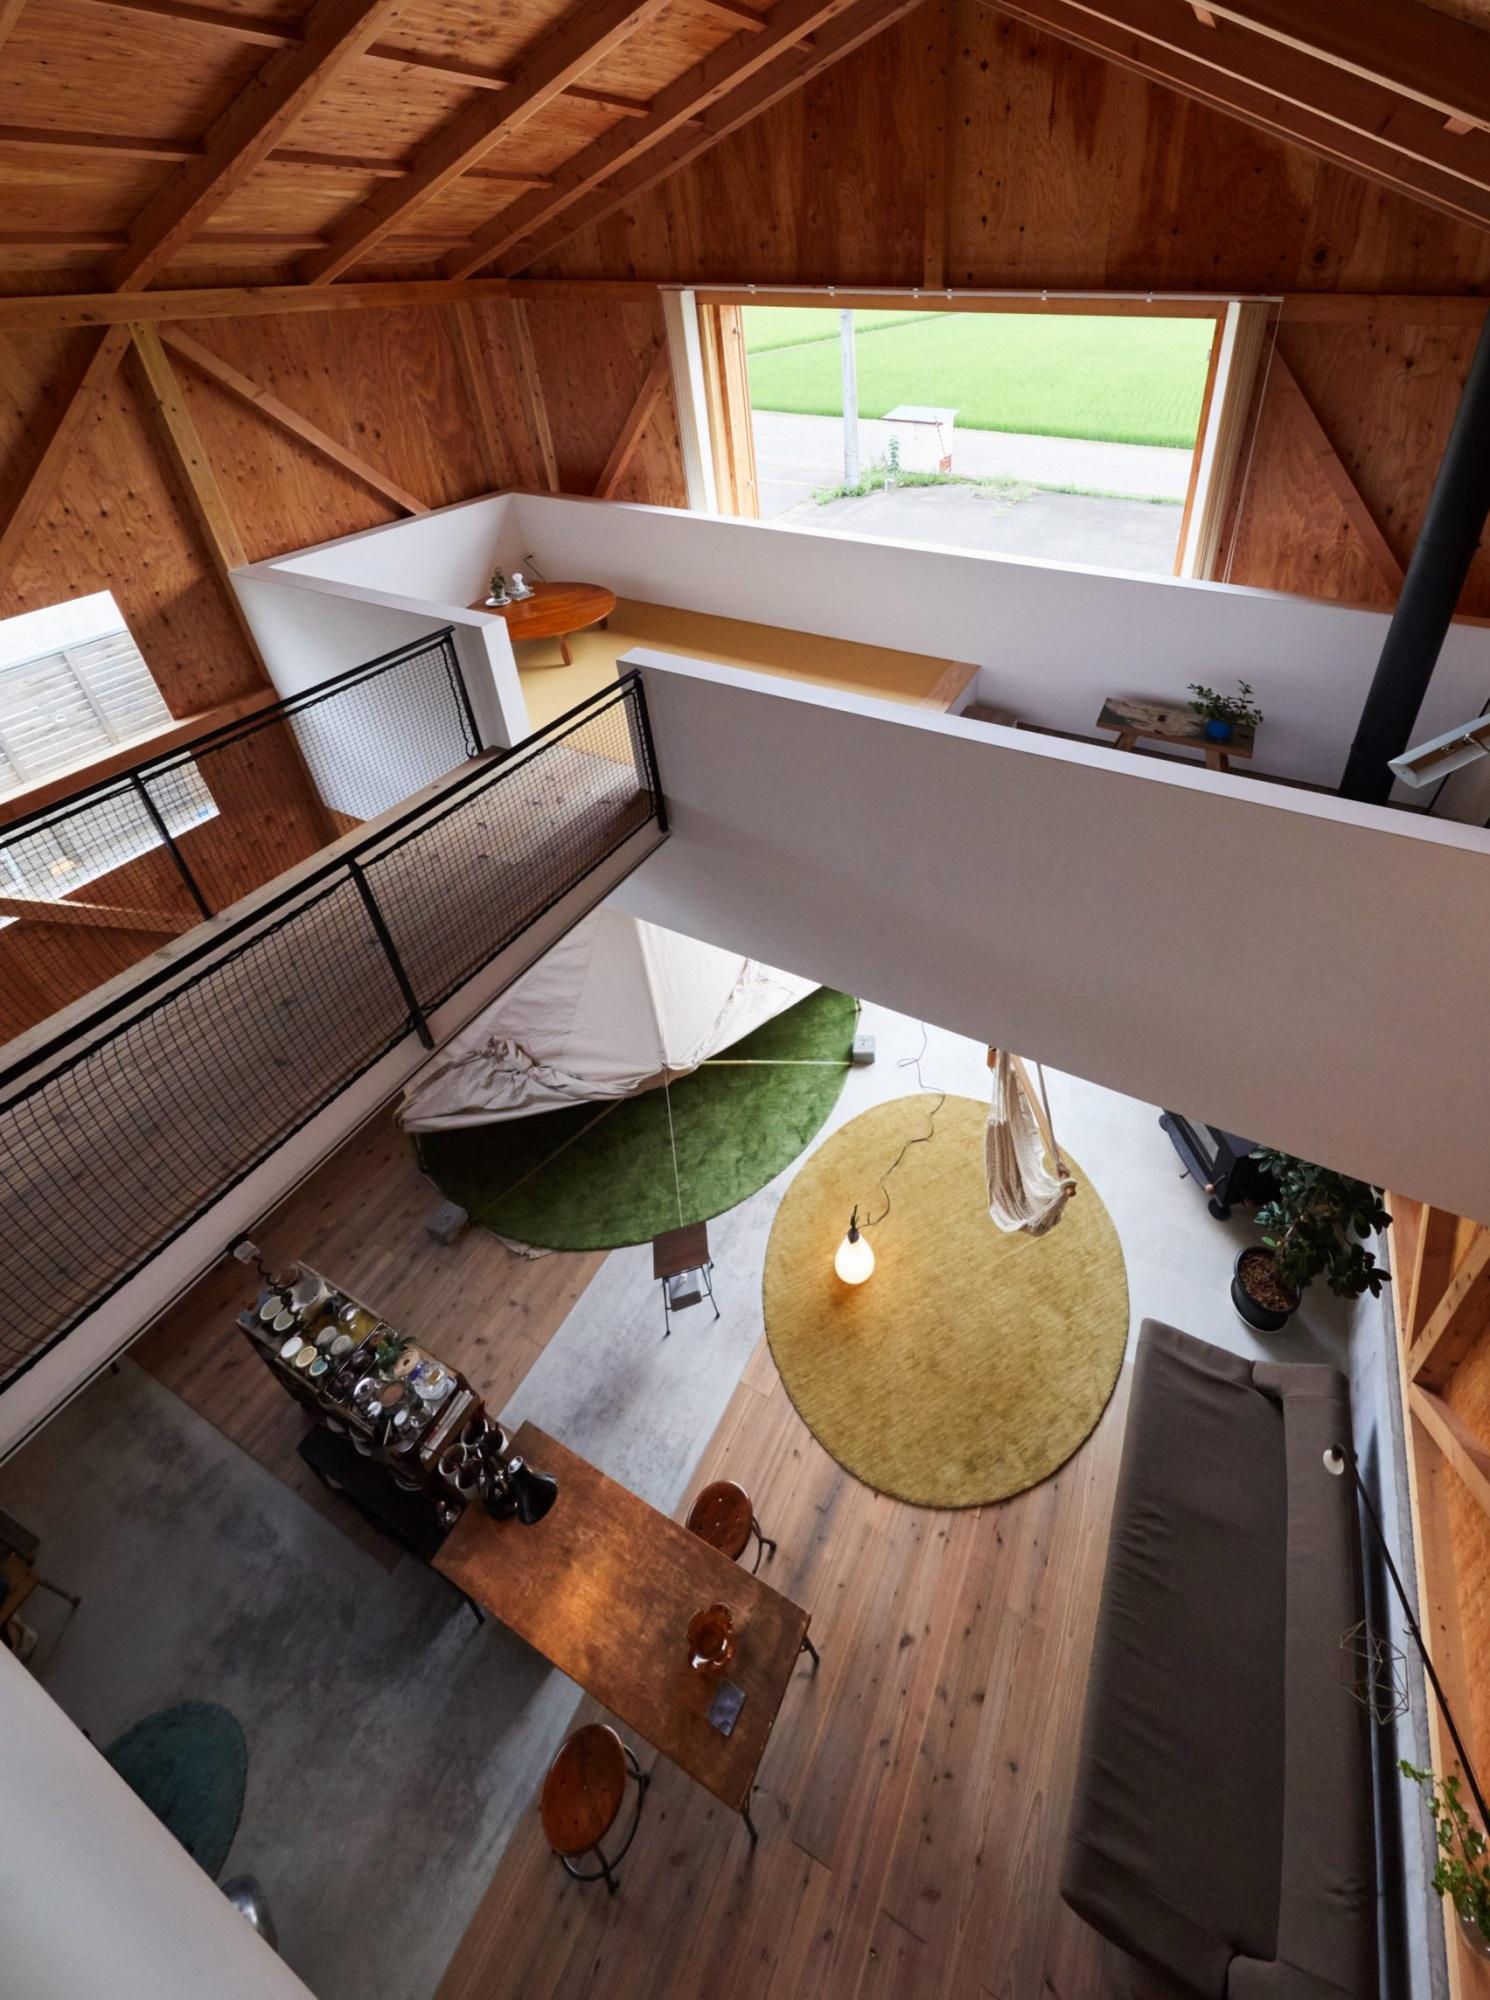 Ngôi nhà hai tầng bình yên với cánh cửa mở rộng đón nắng gió từ đồng lúa xanh tươi - Ảnh 6